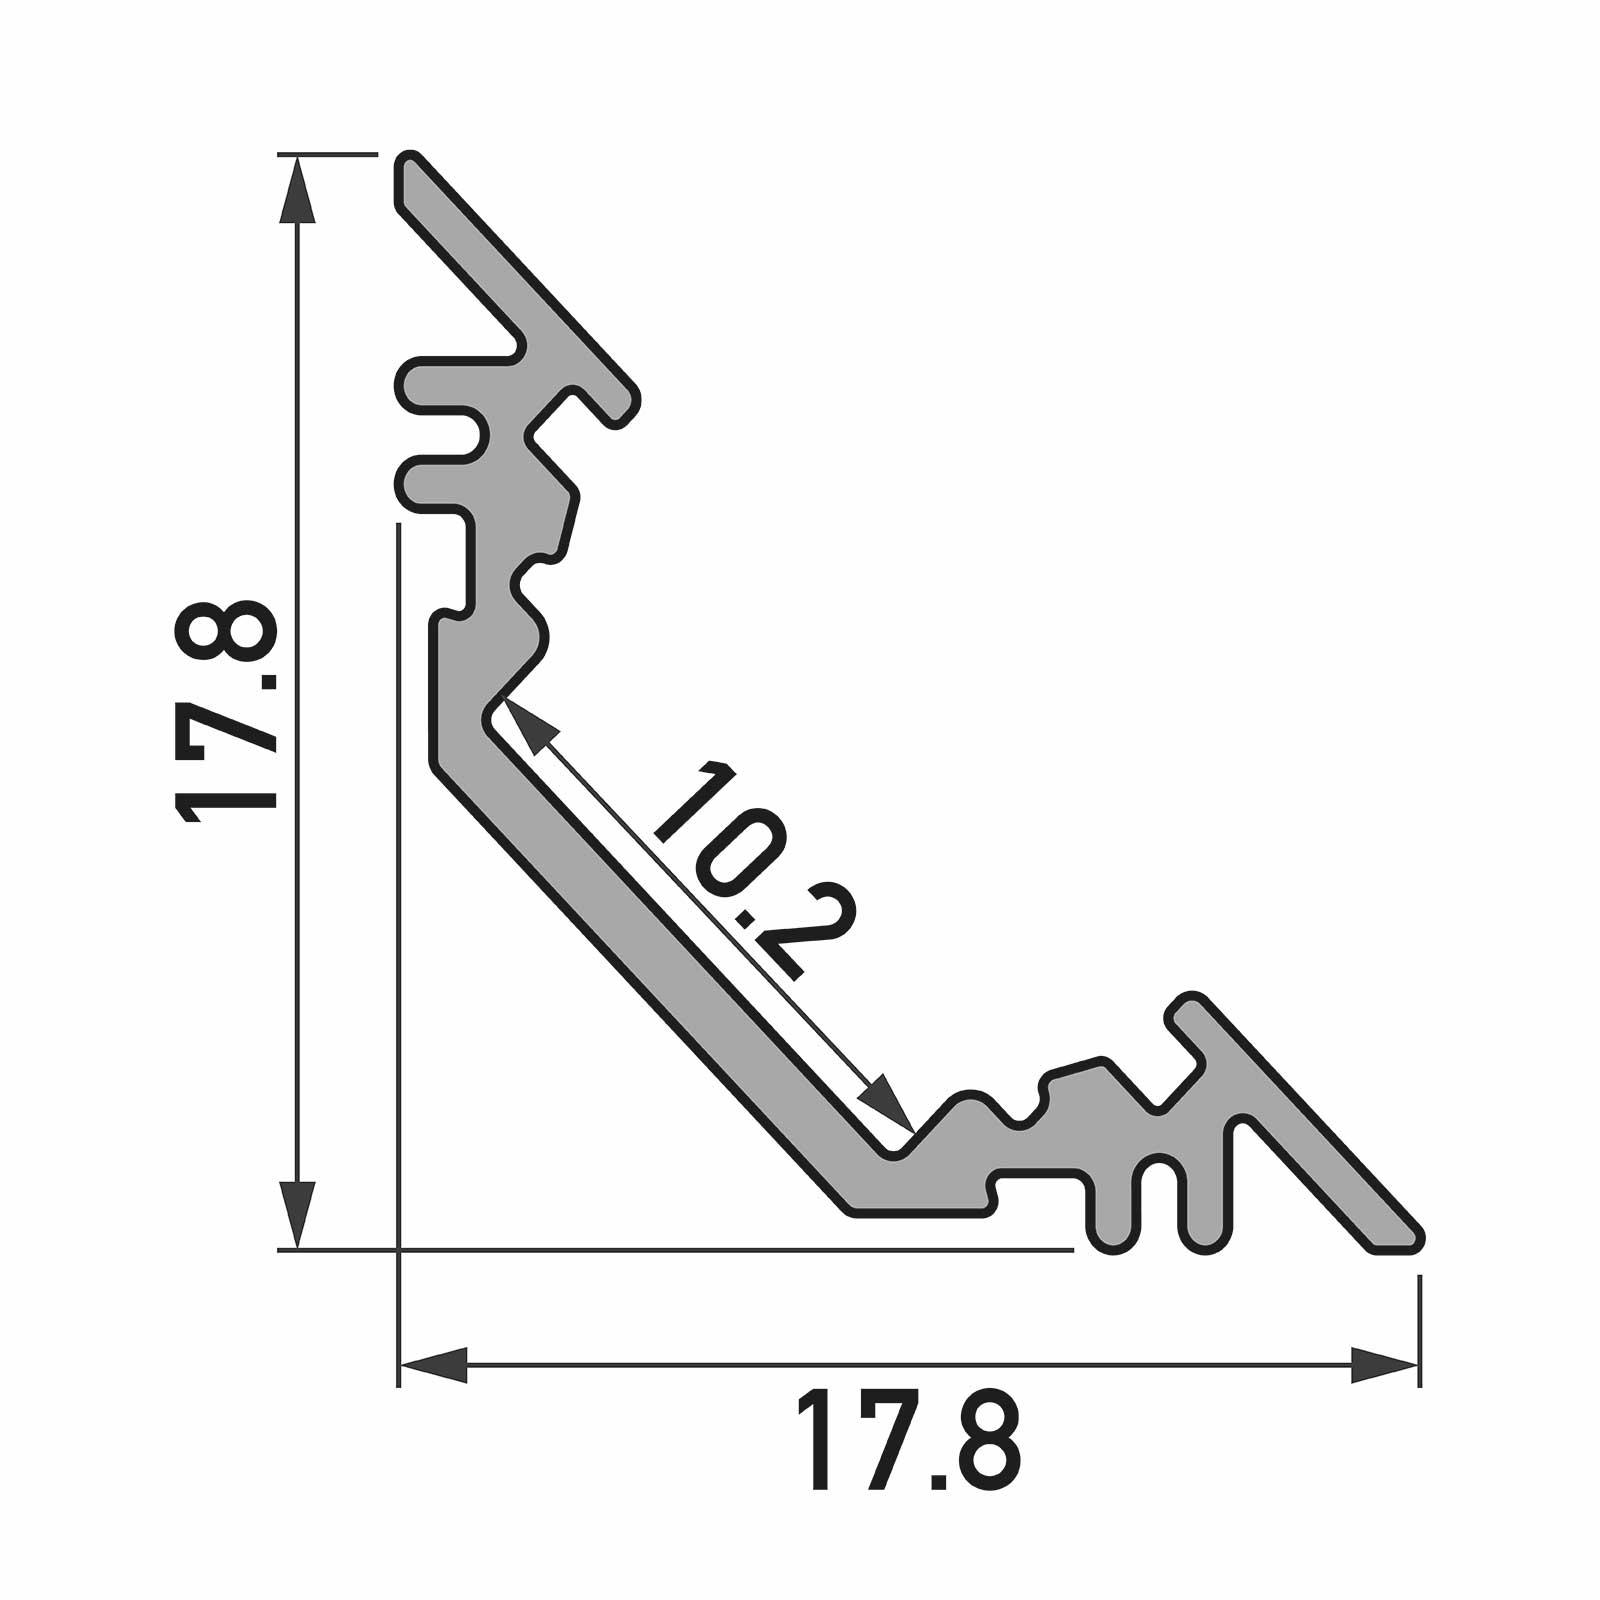 Bemassung 1-2 Meter LED Aufbau-Eckprofil TRIO (45°)